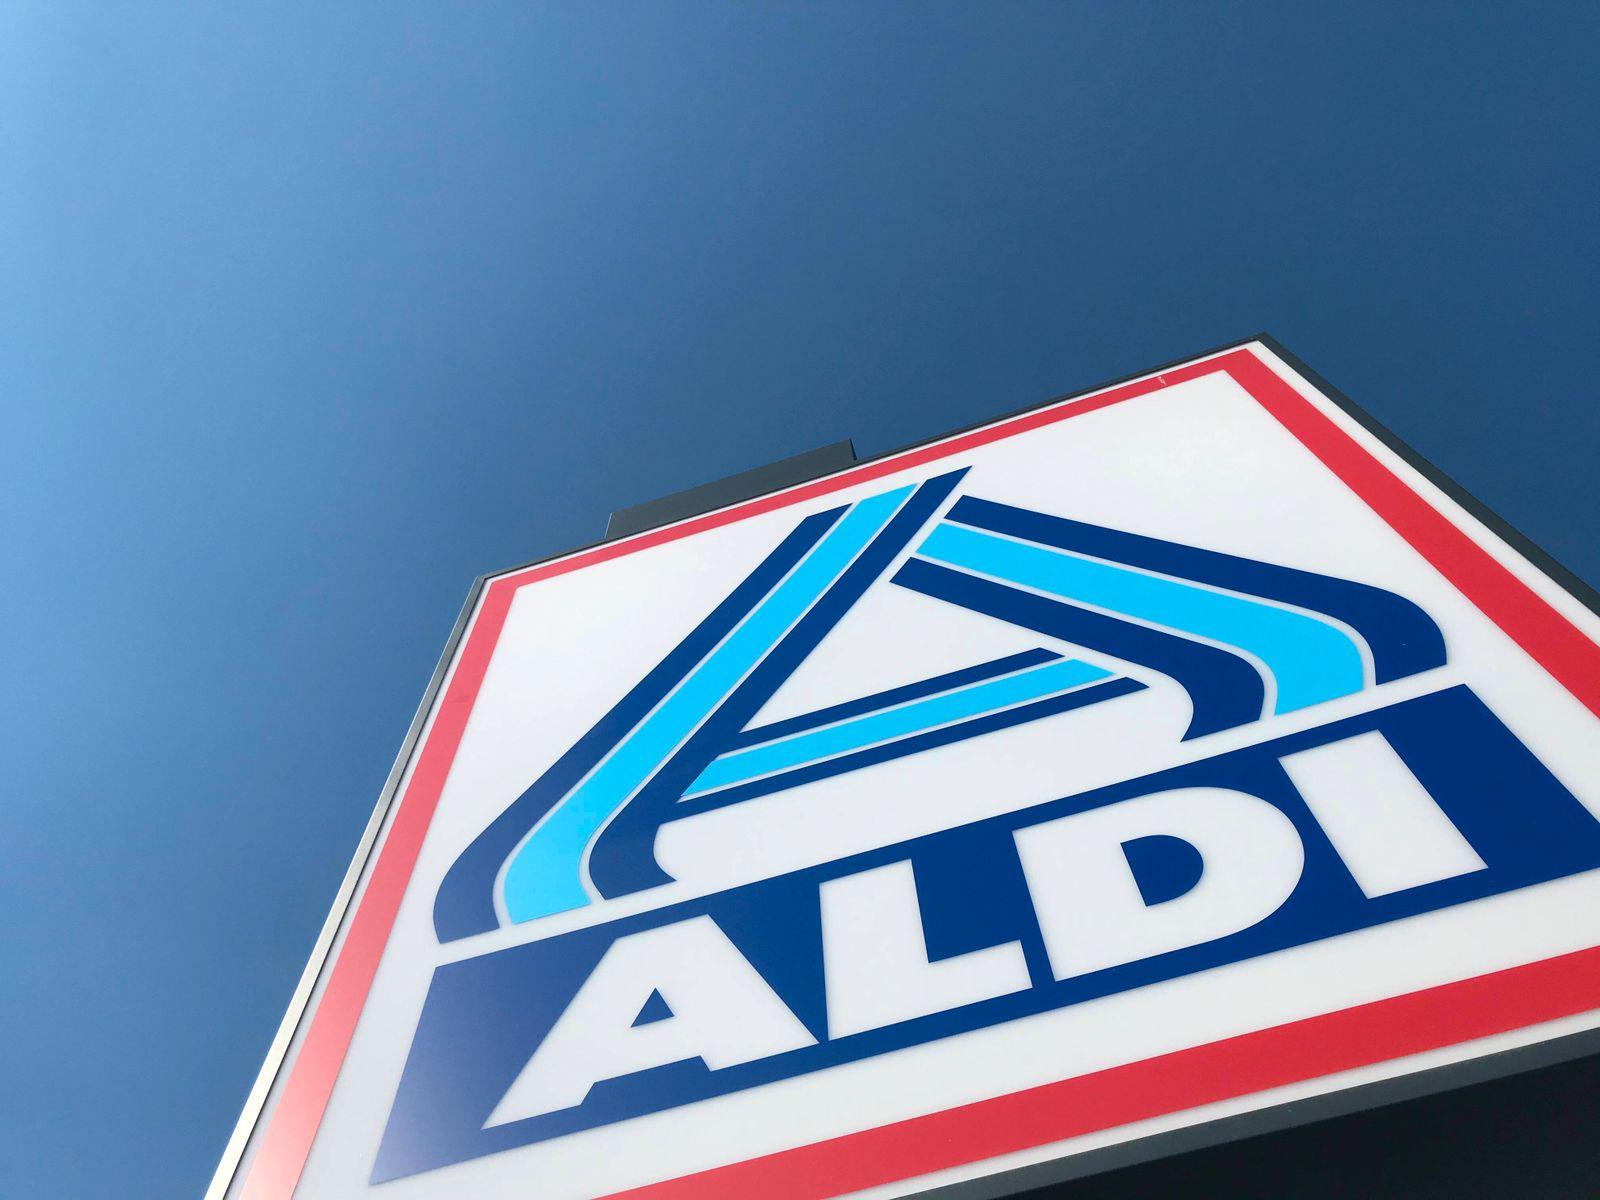 Aldi Logo an einer Filiale in Hamburg 29.03.2020 *** Aldi logo at a branch in Hamburg 29 03 2020